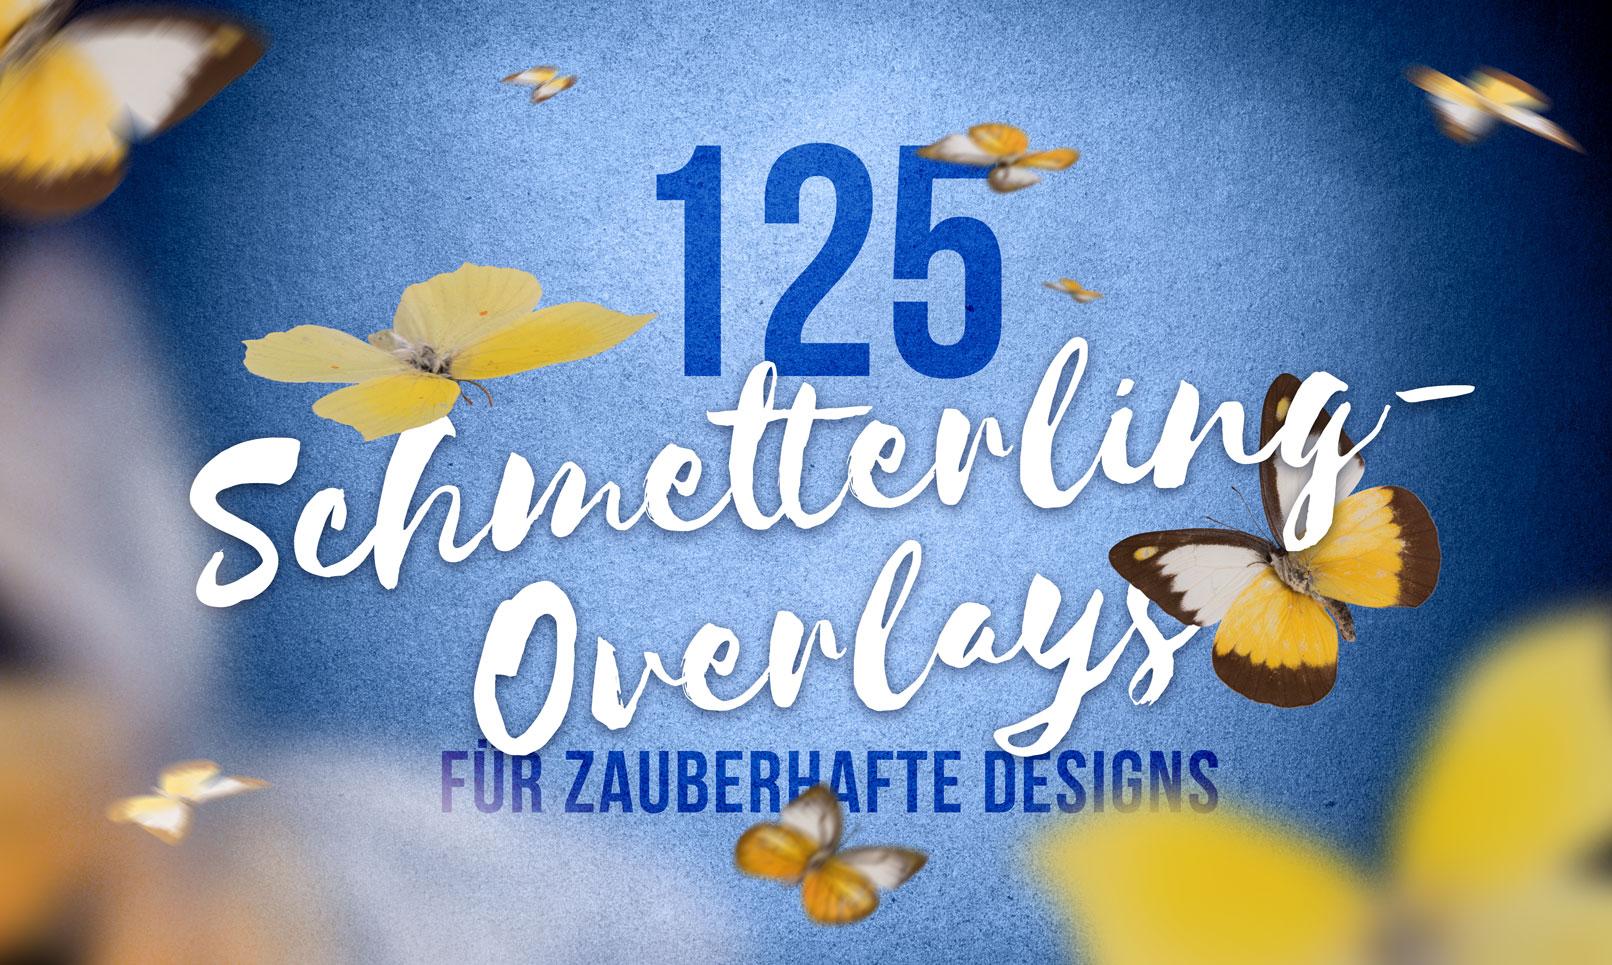 Schriftzug mit Bildern von Schmetterlingen, eingearbeitet als Overlays